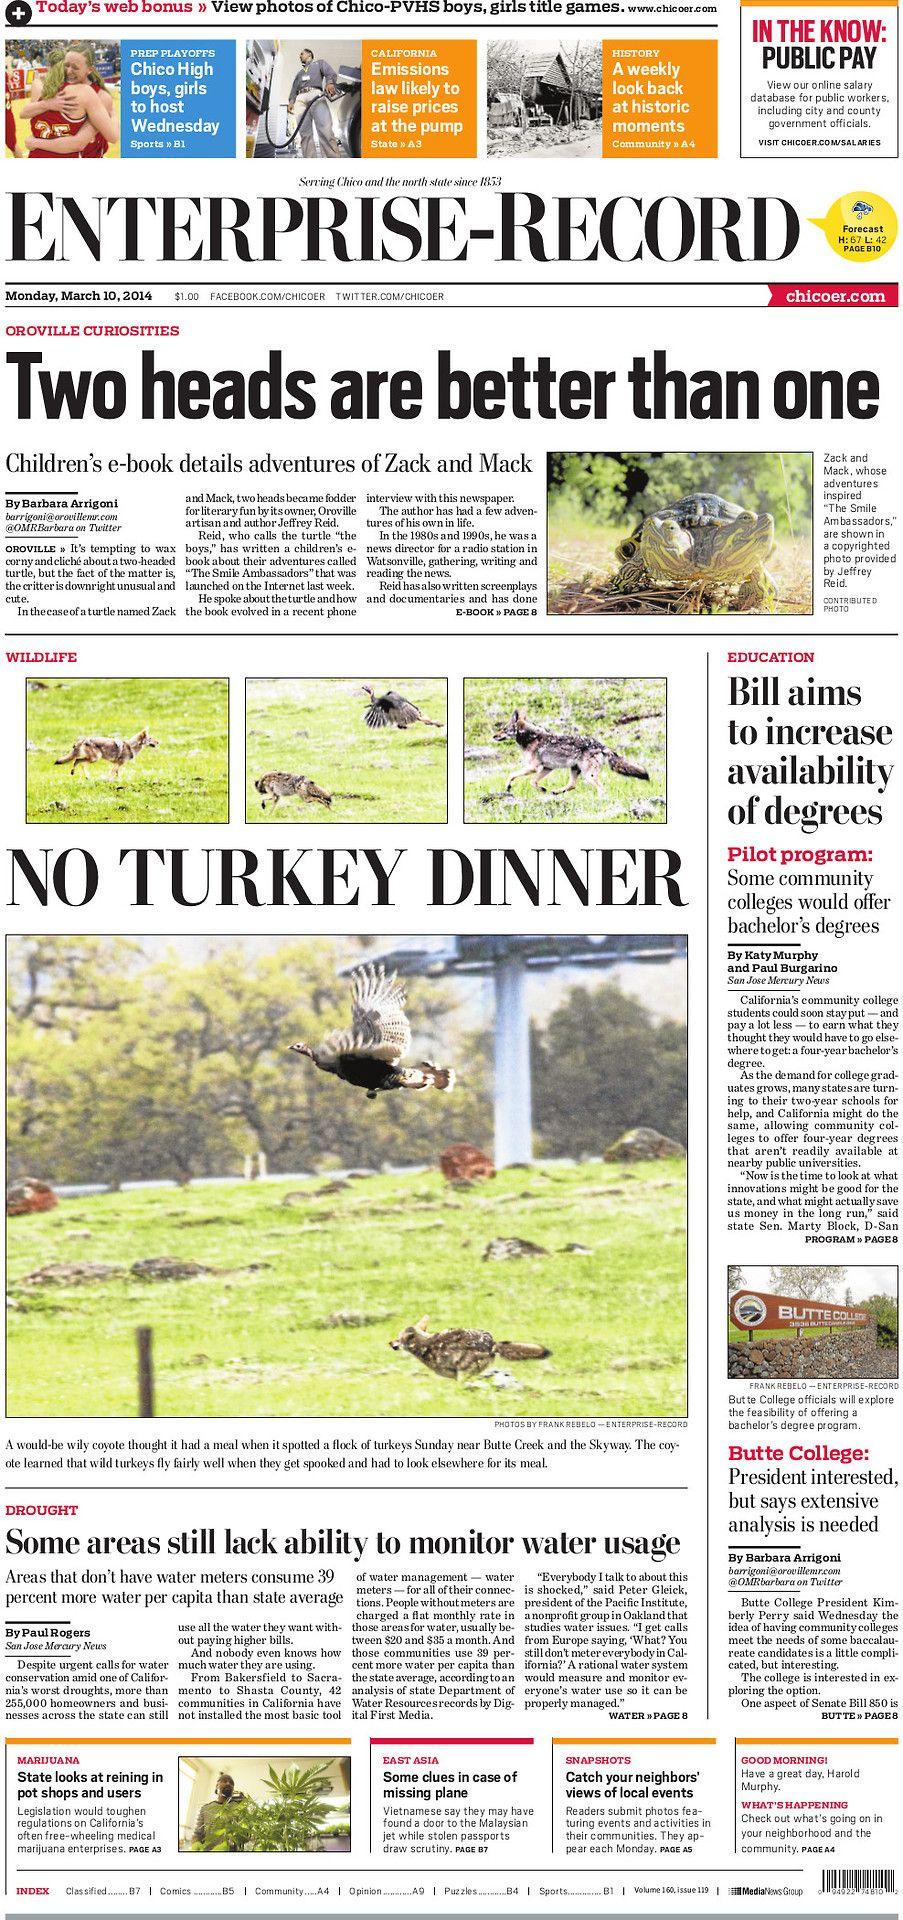 No turkey dinner putting the wild back in wild art a